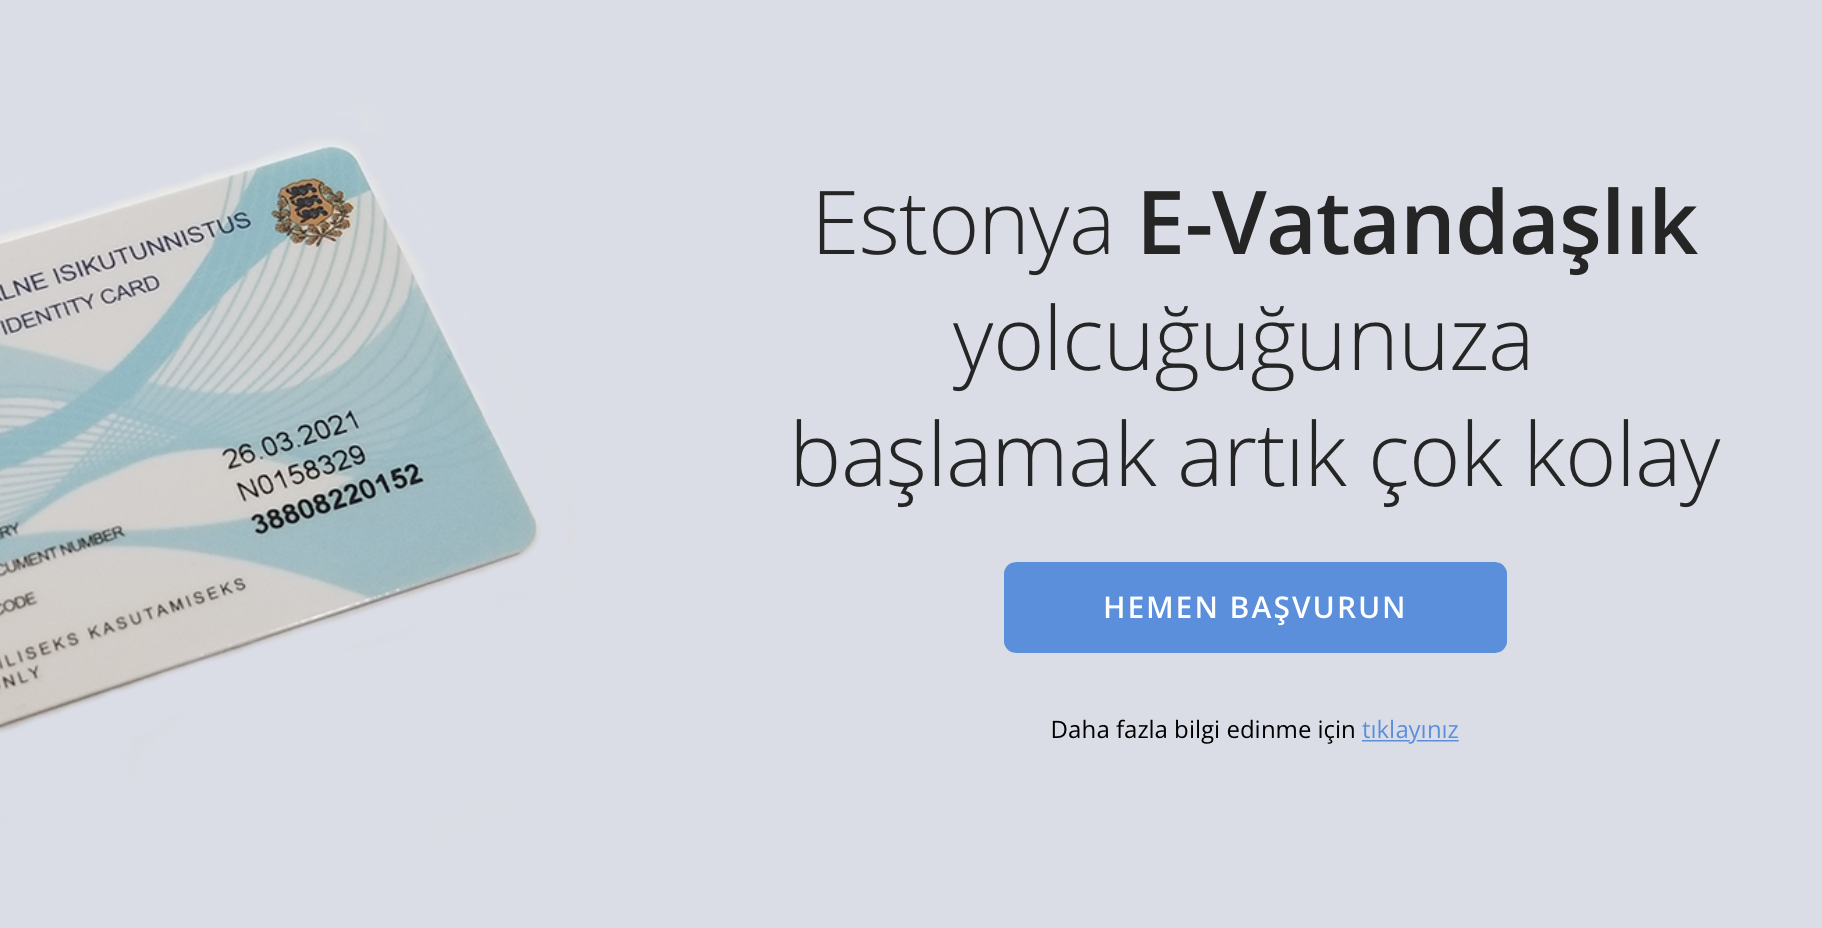 Estonya'da sirket kurmak